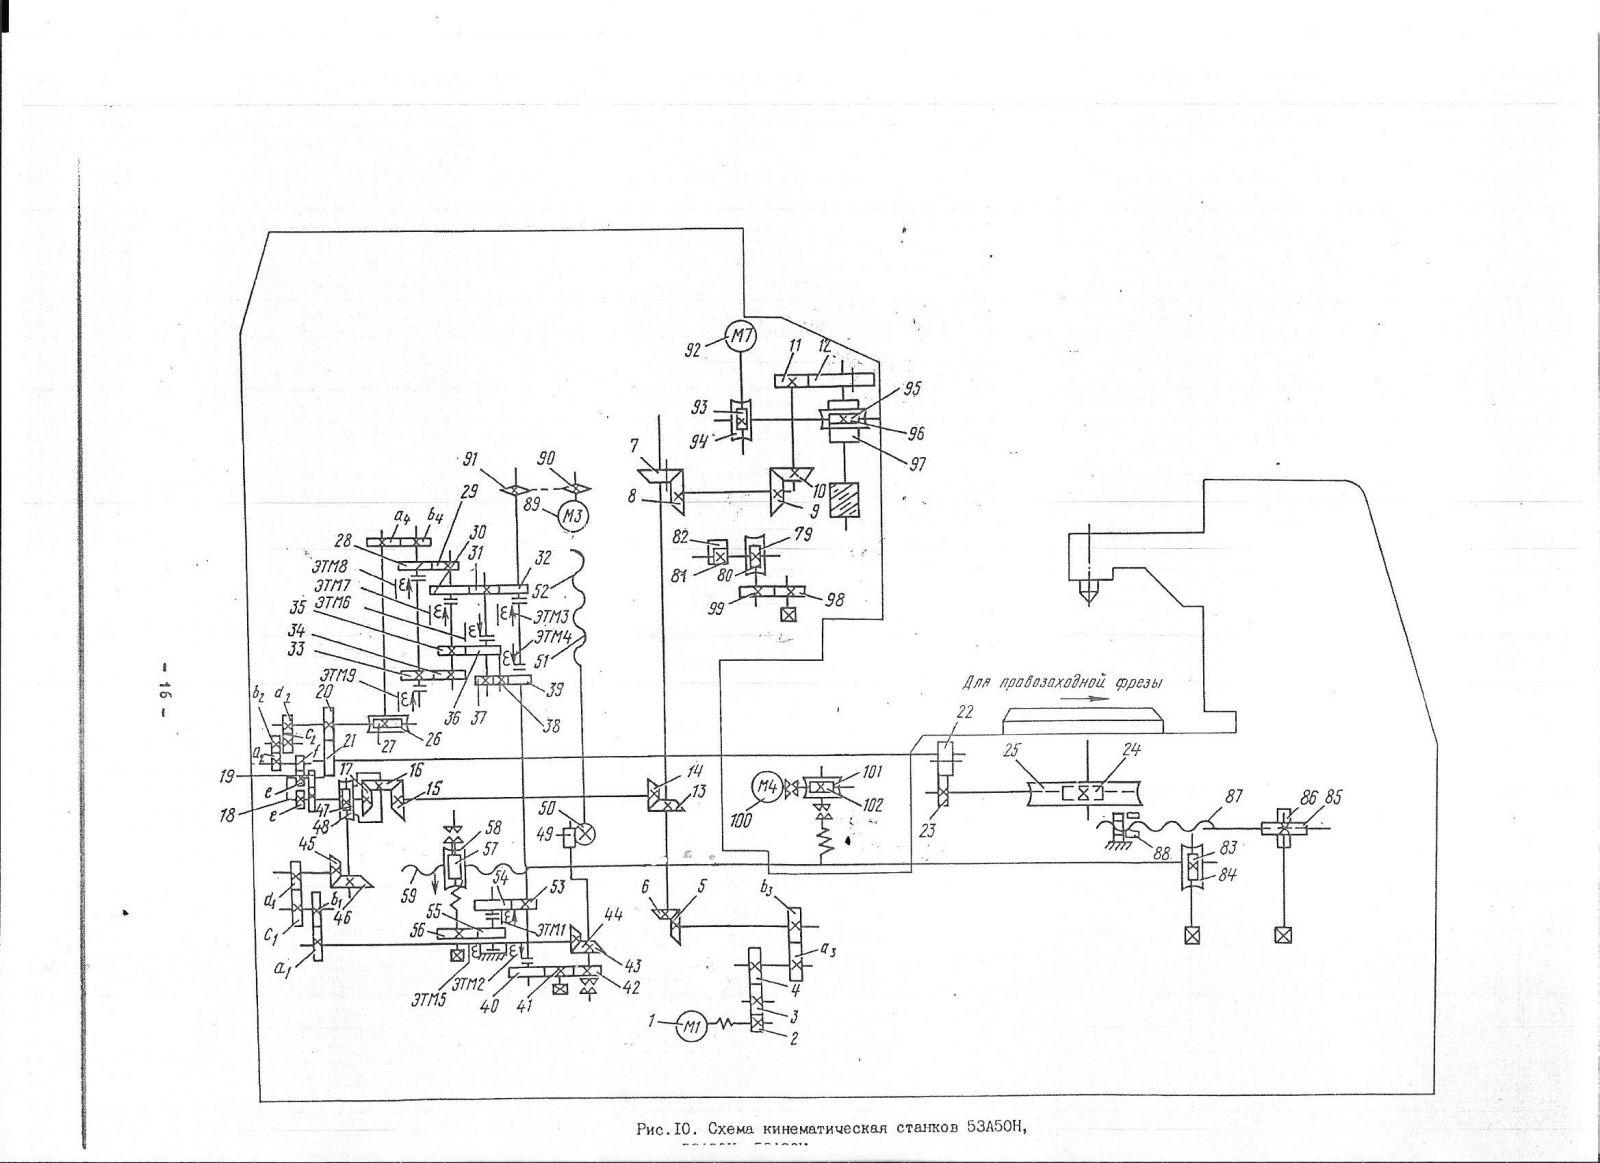 Зубофрезерный станок 5к32а схема printsipialnaya zip